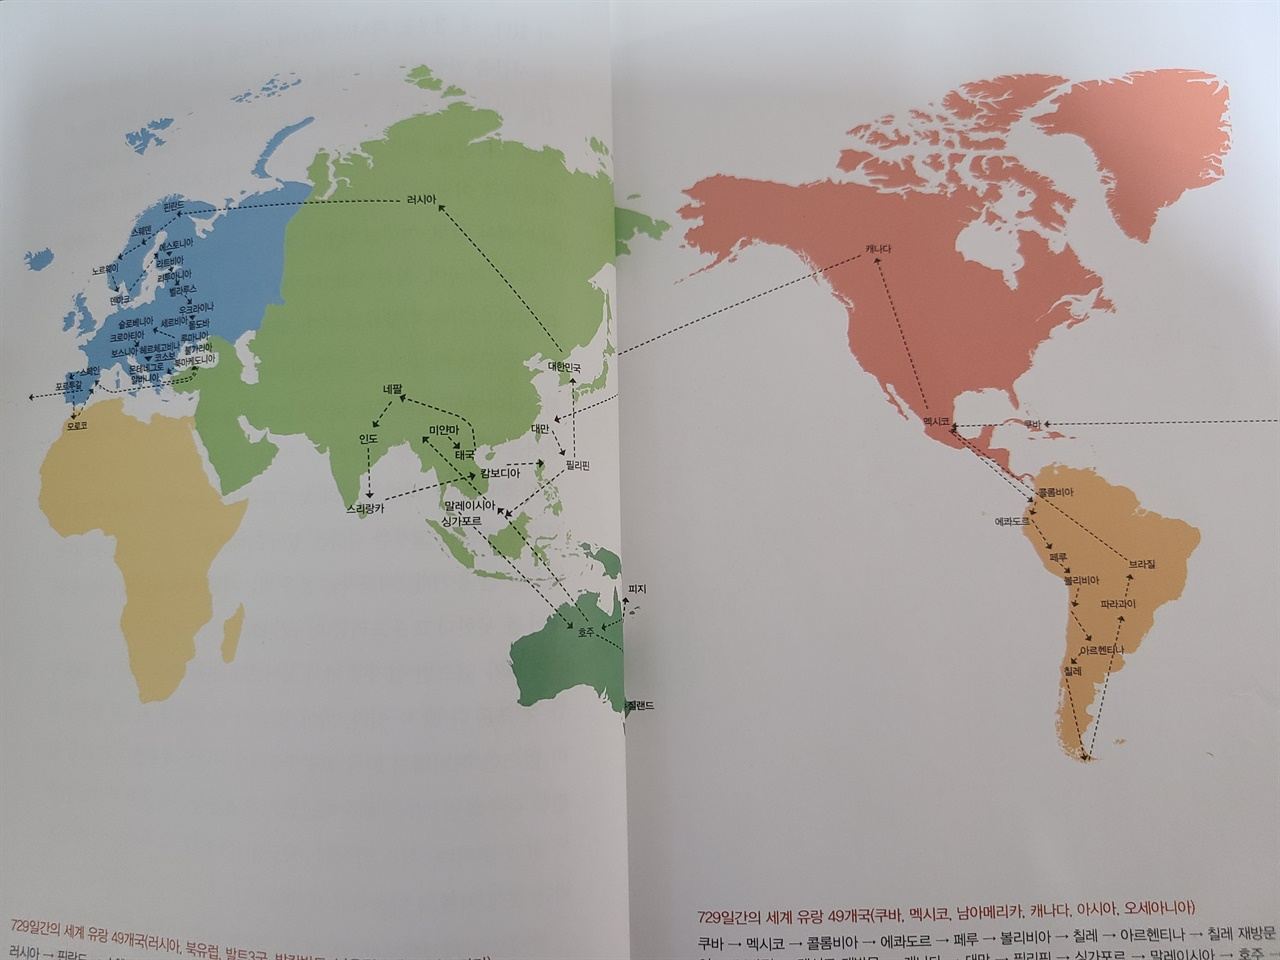 작가가 여행한 지구 한 반퀴의 코스. 729일에 걸쳐 49개국을 여행하였다.